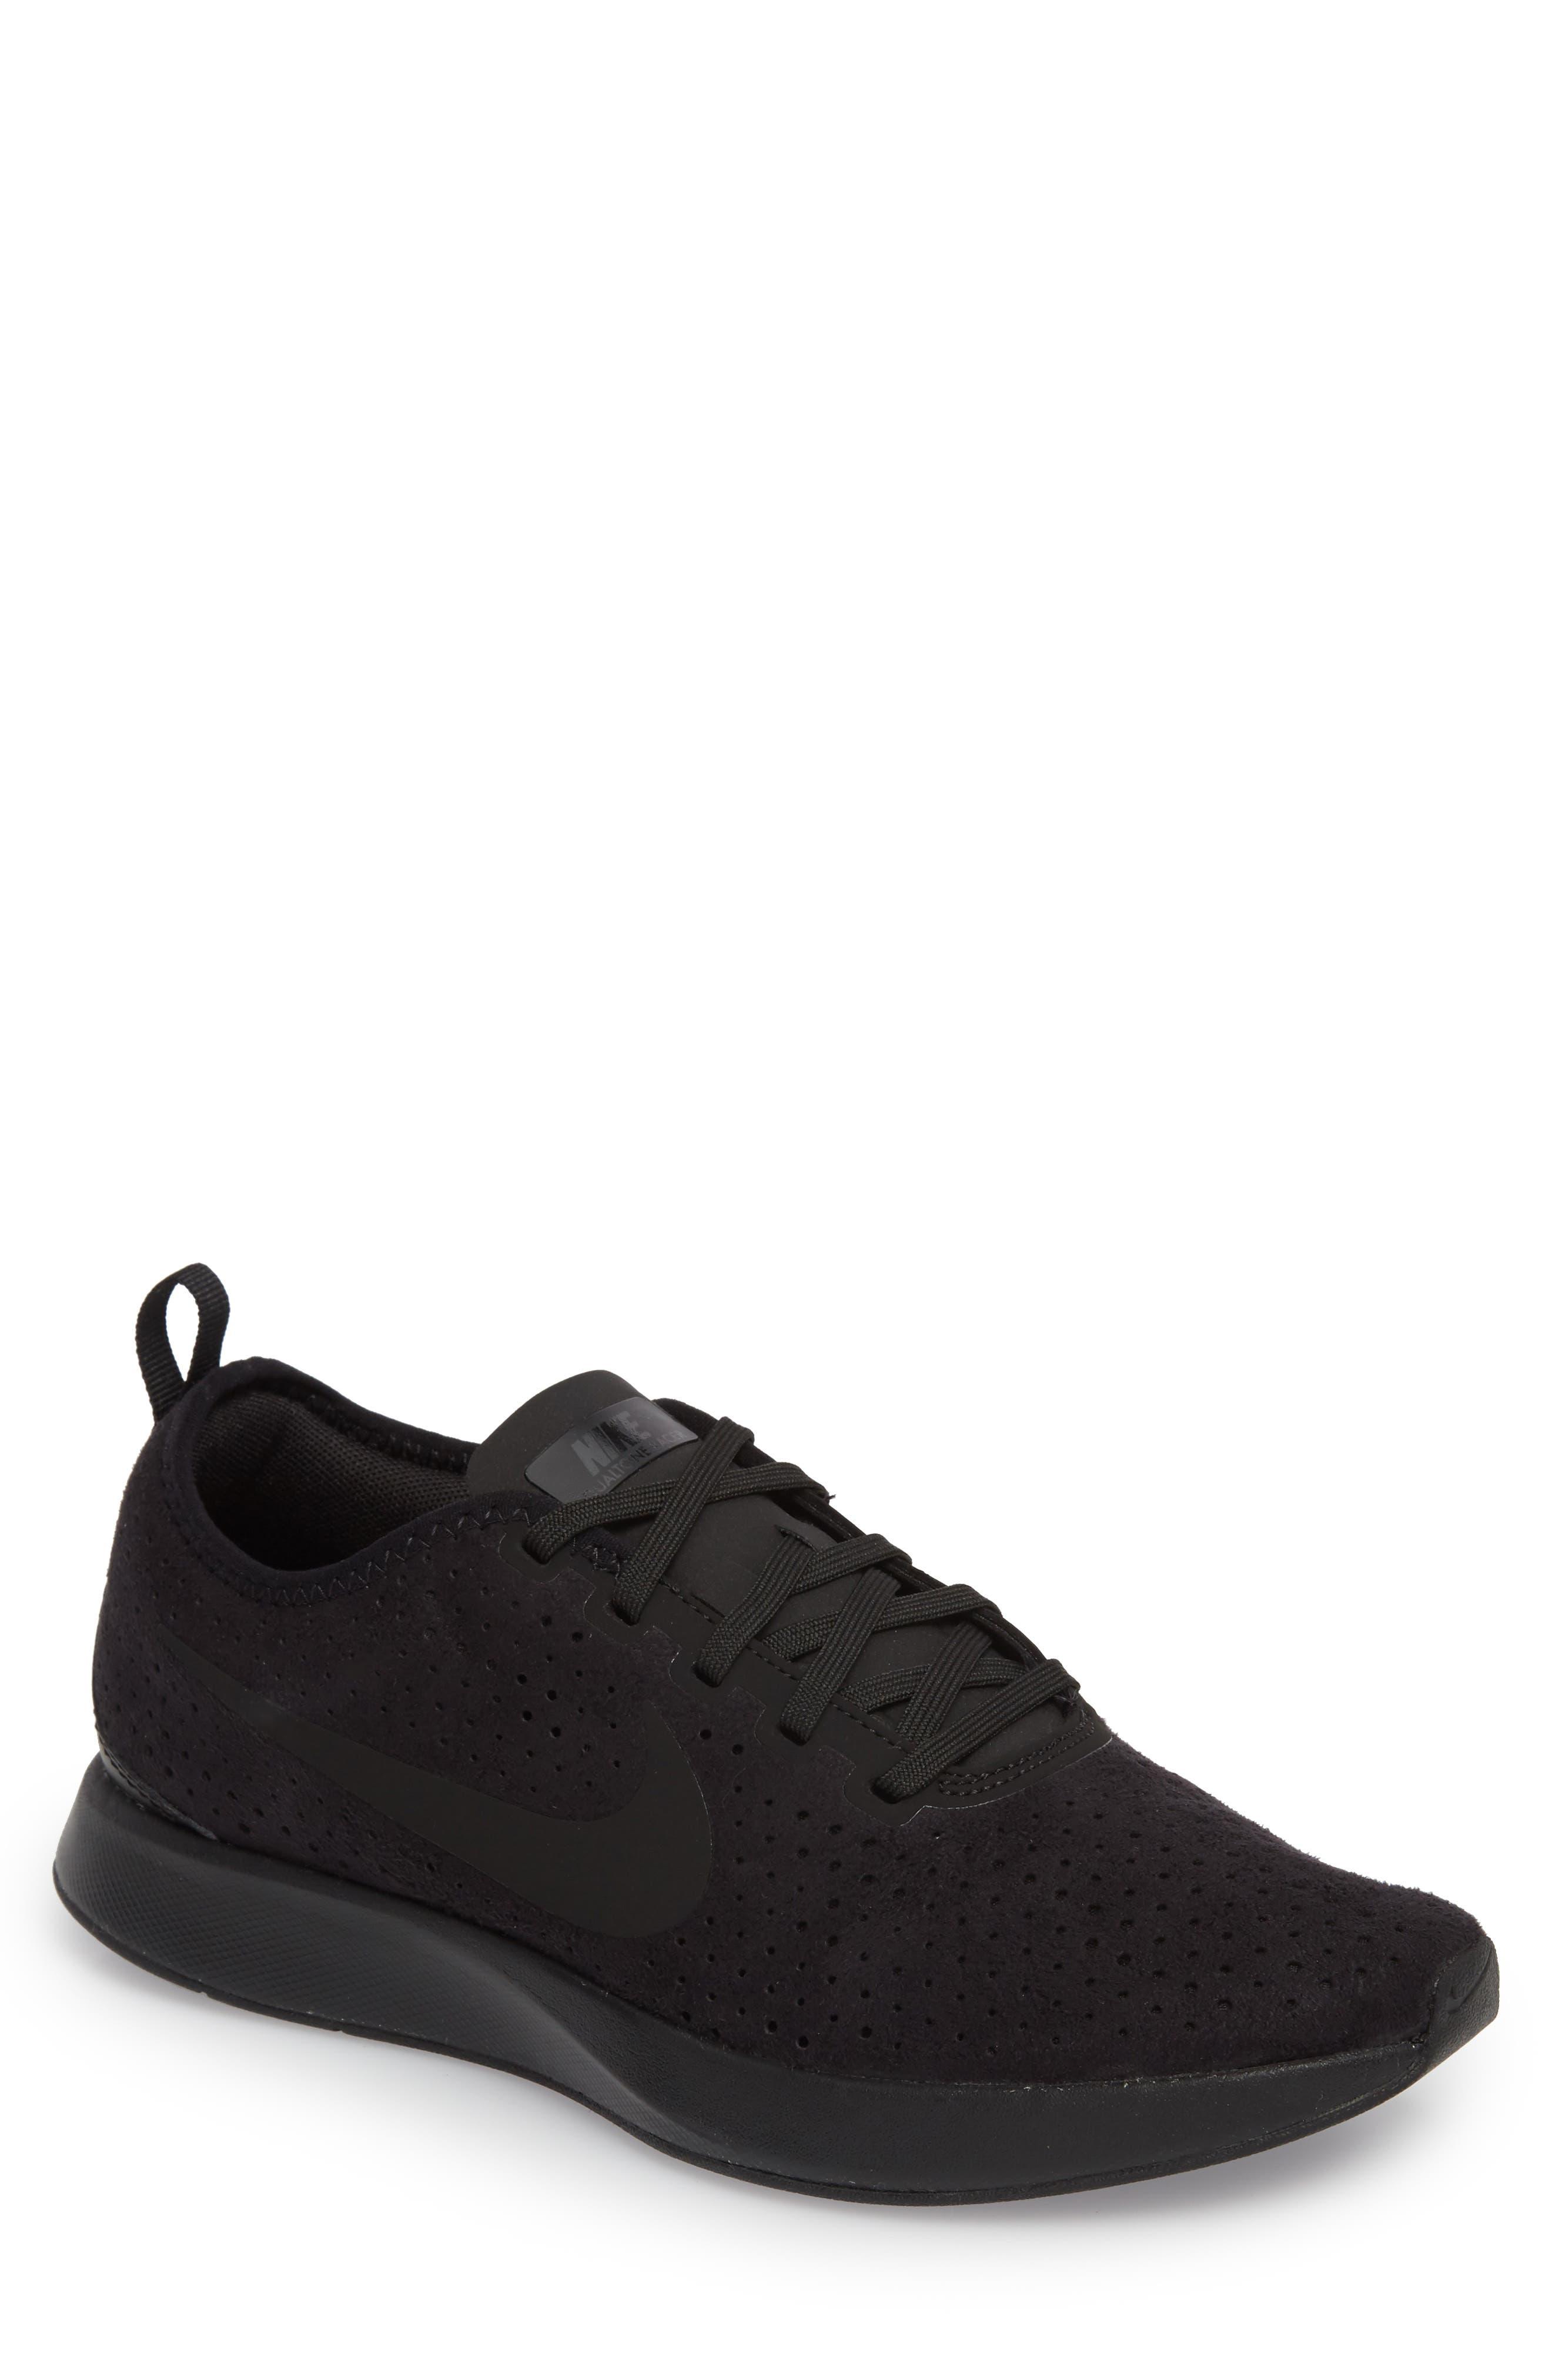 Nike Dualtone Racer Premium Sneaker (Men)